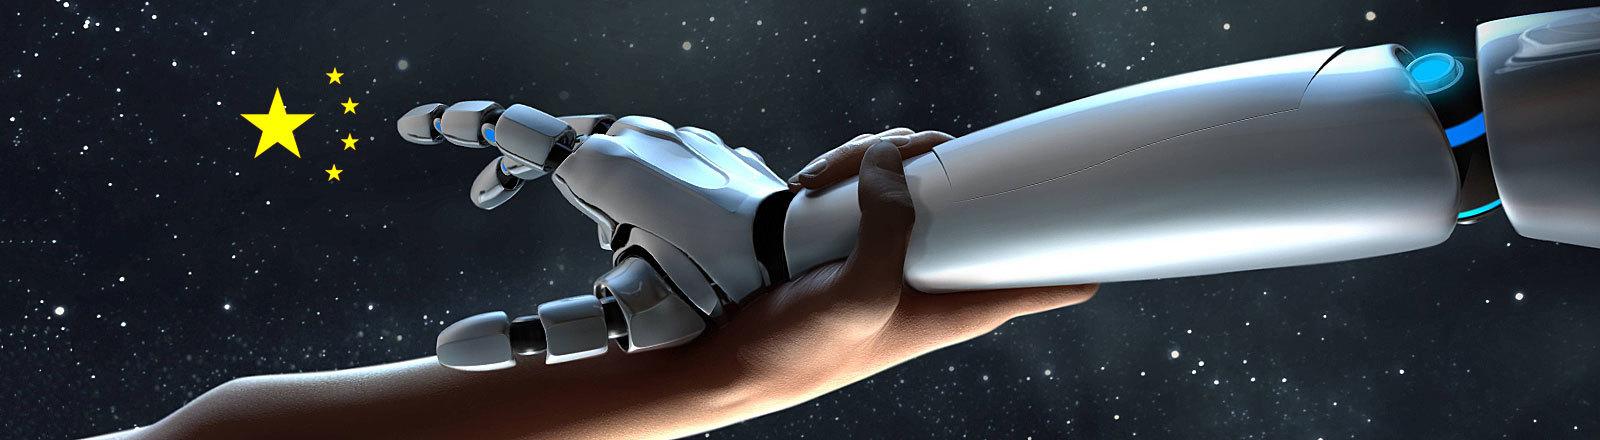 Menschliche Hand greift nach Roboterhand, die auf die Sterne der chinesischen Flagge zeigt